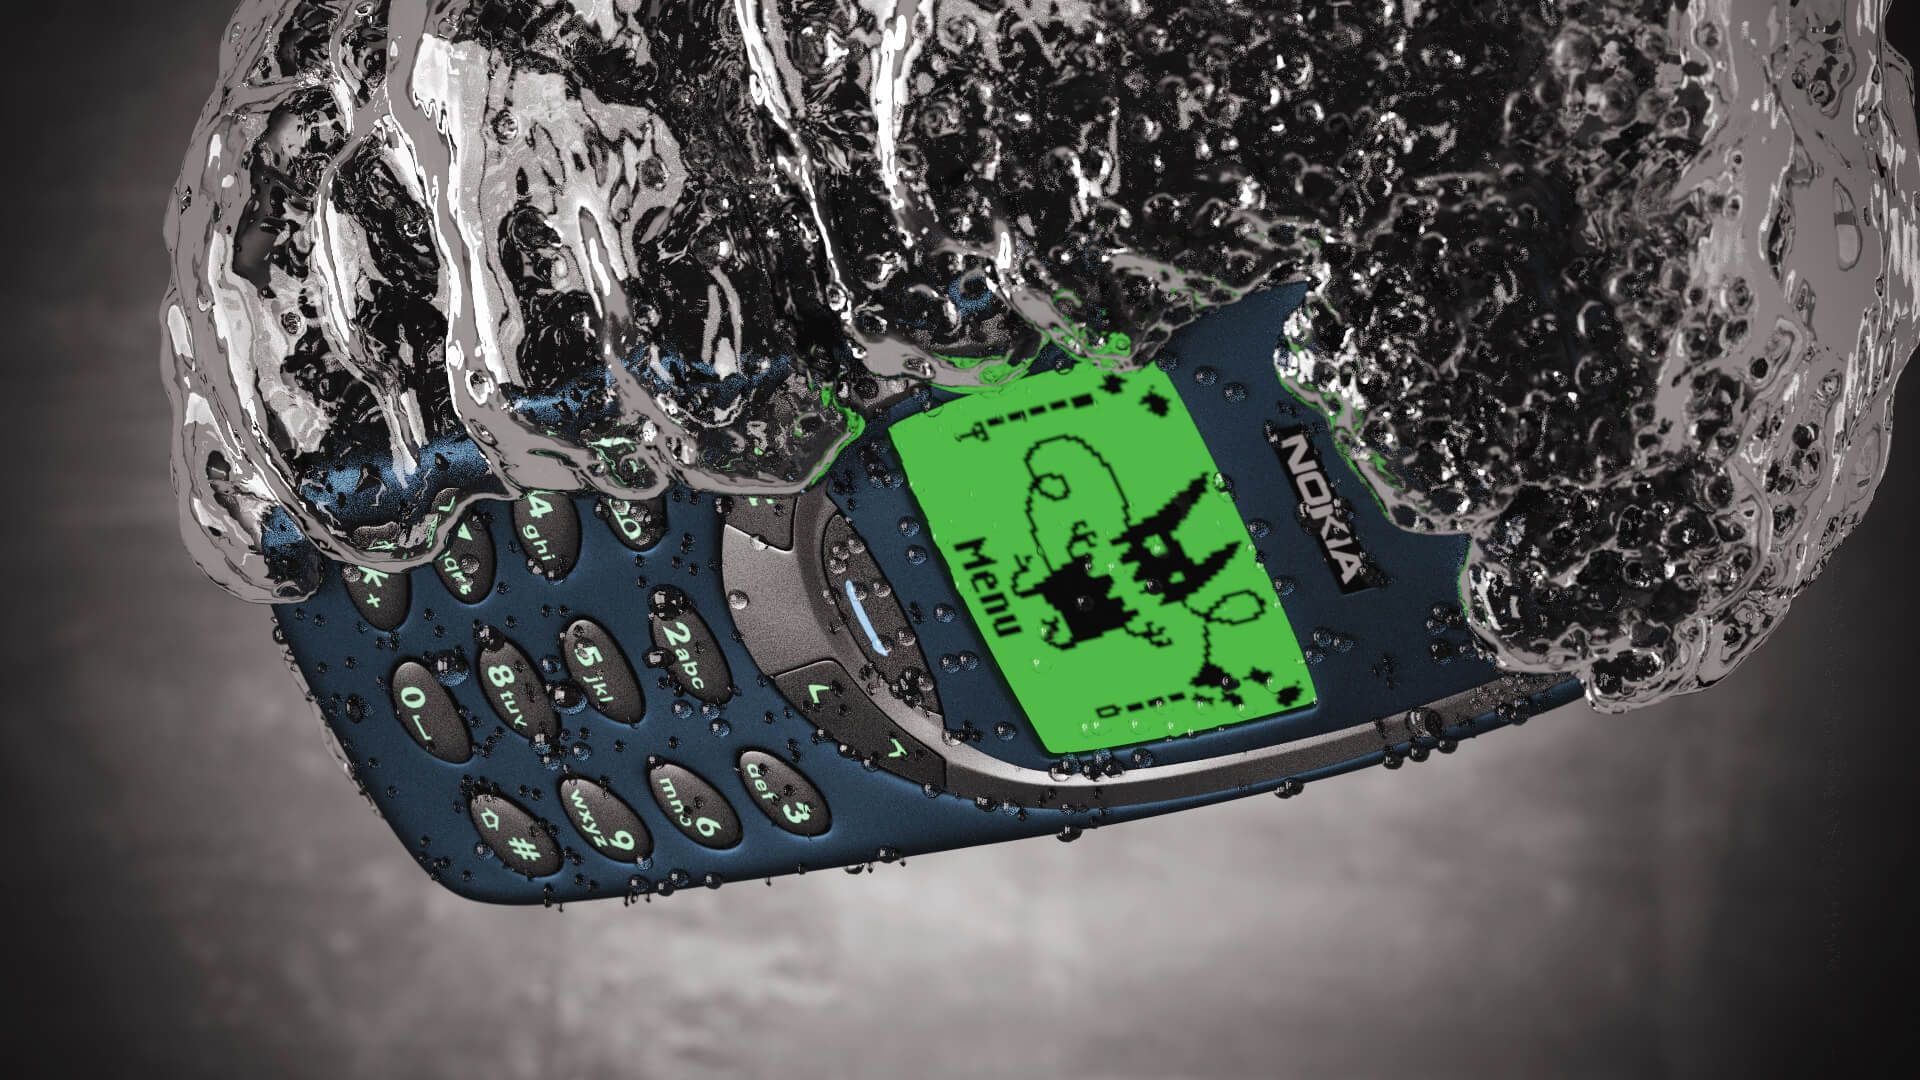 Je to 17 rokov, čo trh mobilných telefónov obohatila NOKIA 3310. Podľa najnovších správ čaká tento legendárny model comeback. Portál Venturebeat priniesol dokonca niekoľko noviniek a informácií onávrate Nokie 3310. Aká bude Nokia 3310 Ak by ste čakali nejakú horibilnú cenu, tak budete milo prekvapený. Táto nová nokia bude stáť približne 59 eur a jej …